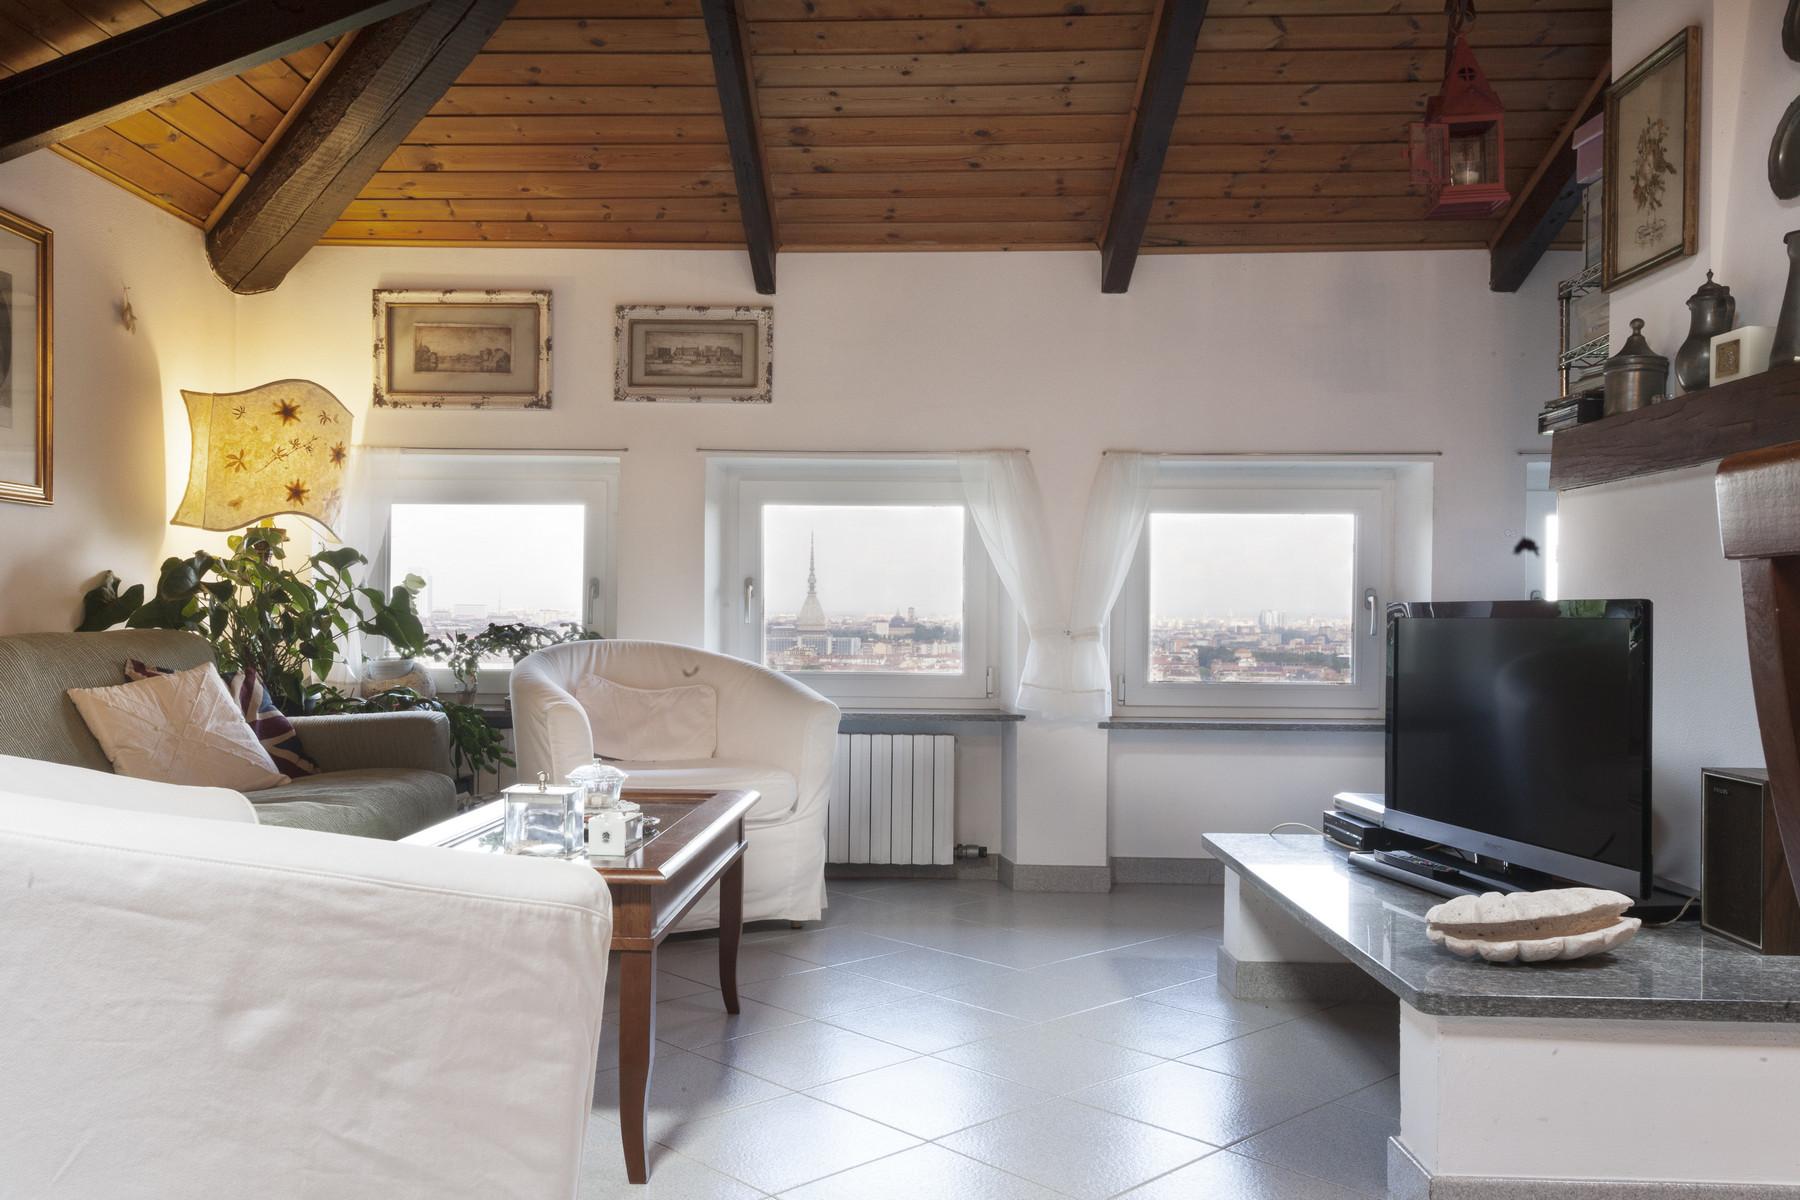 Appartamento in Vendita a Torino: 5 locali, 120 mq - Foto 1